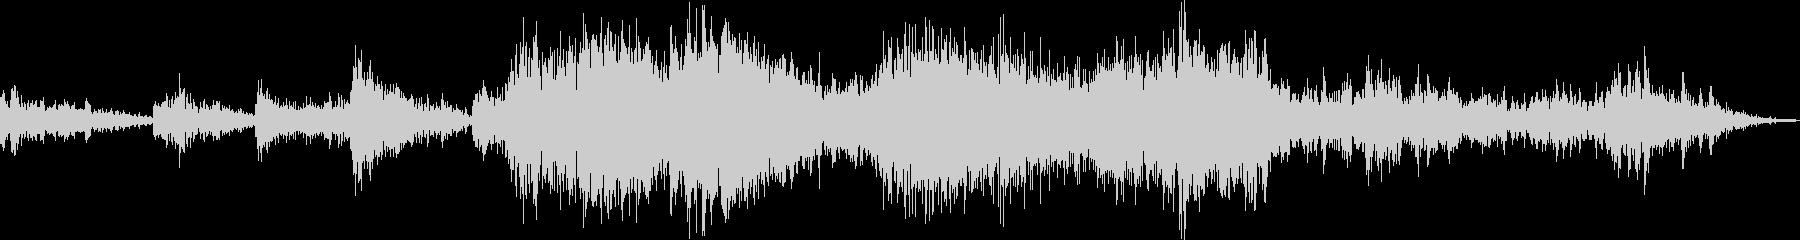 ハードバンドパスインパクトデブリフ...の未再生の波形